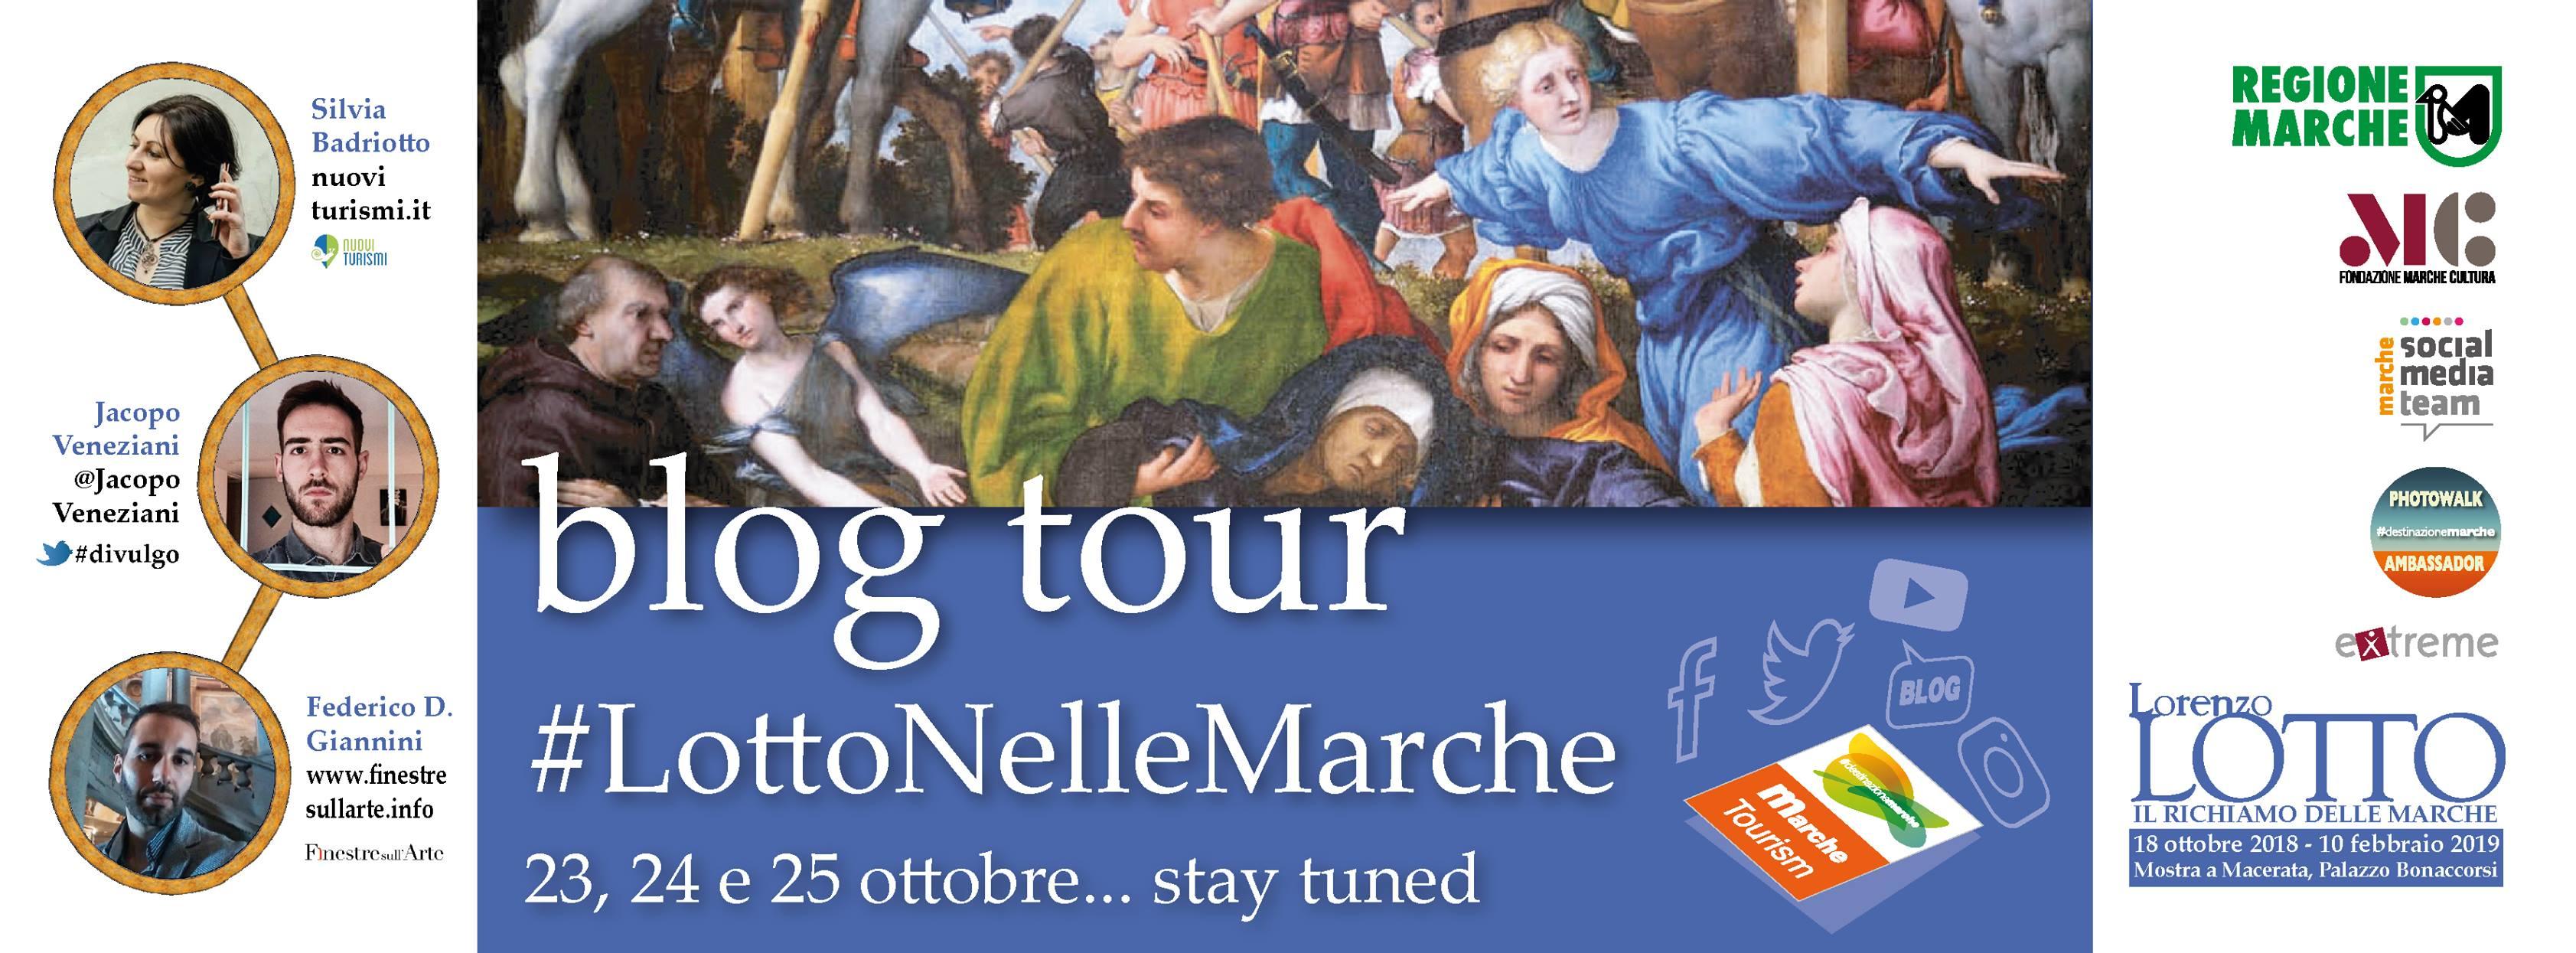 Lotto nelle Marche - blog tour e mostra Macerata